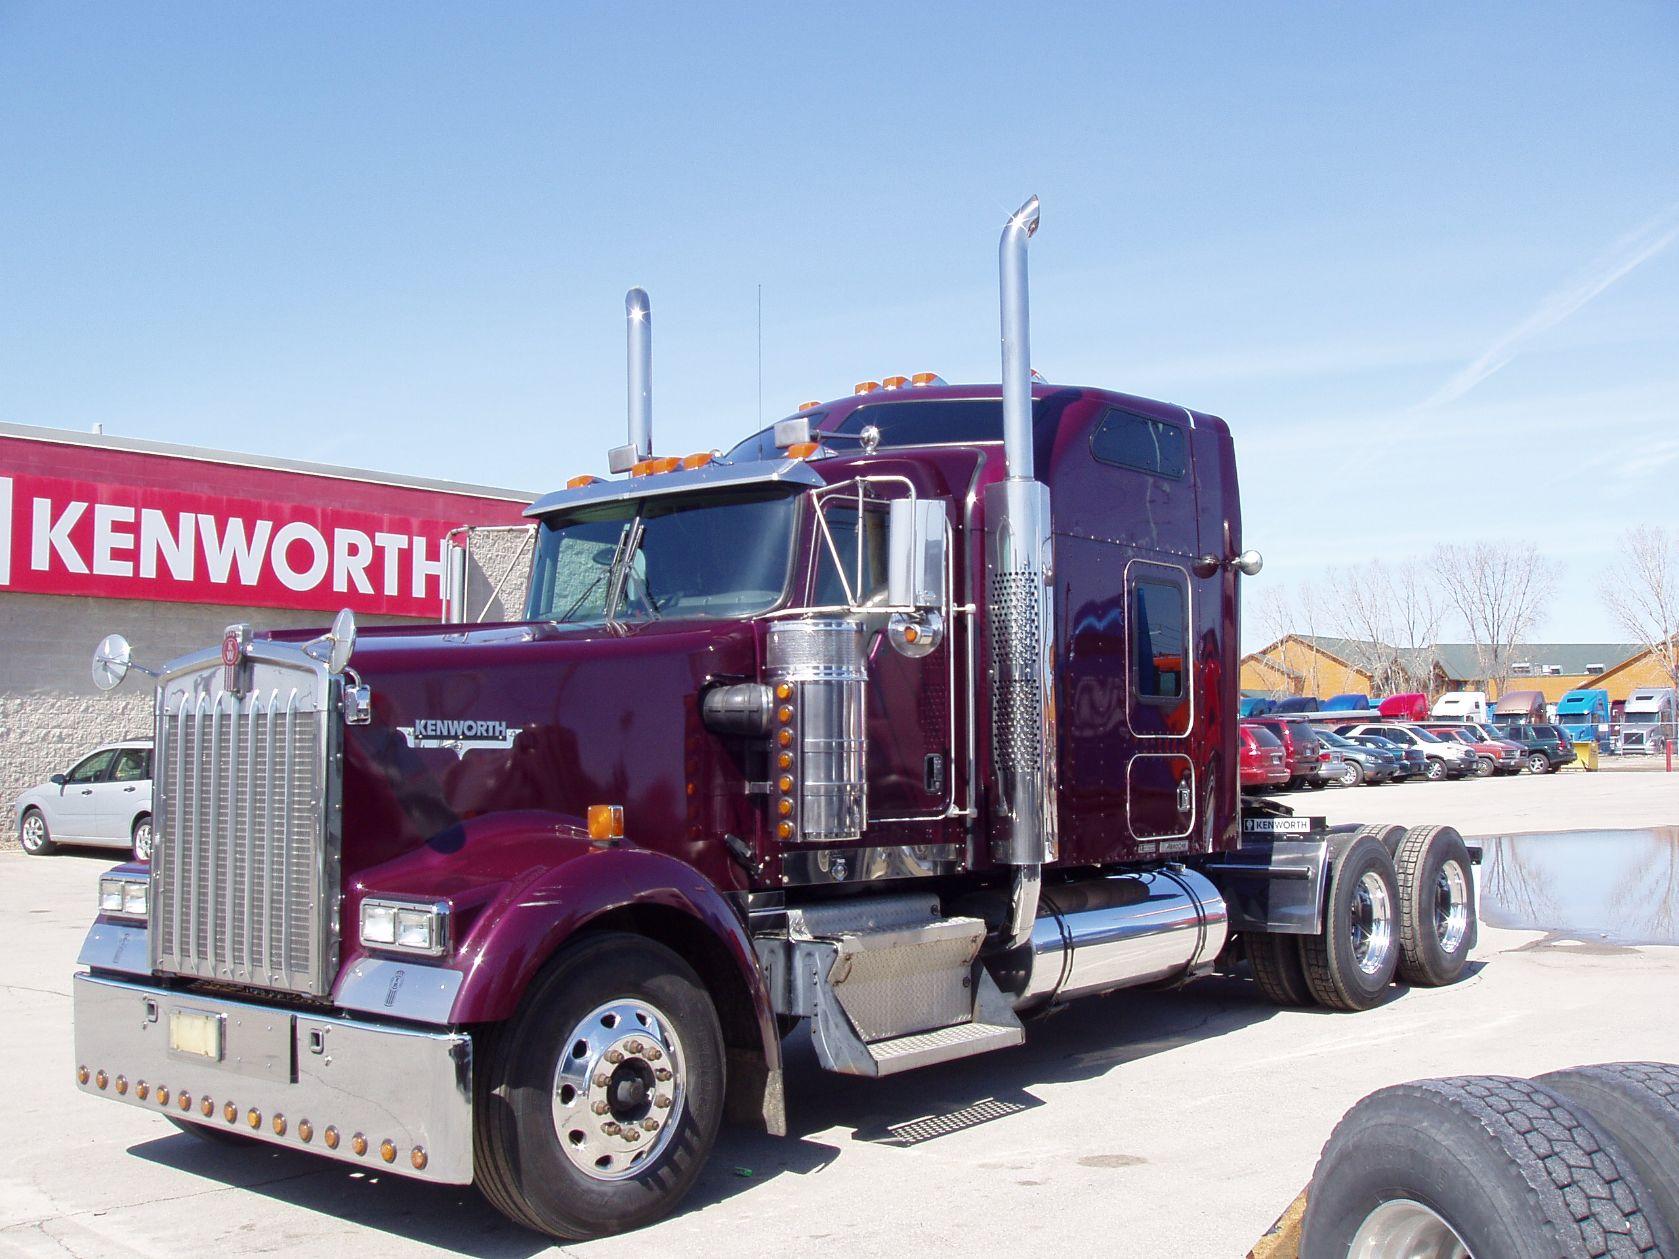 Camion Kenworth morado